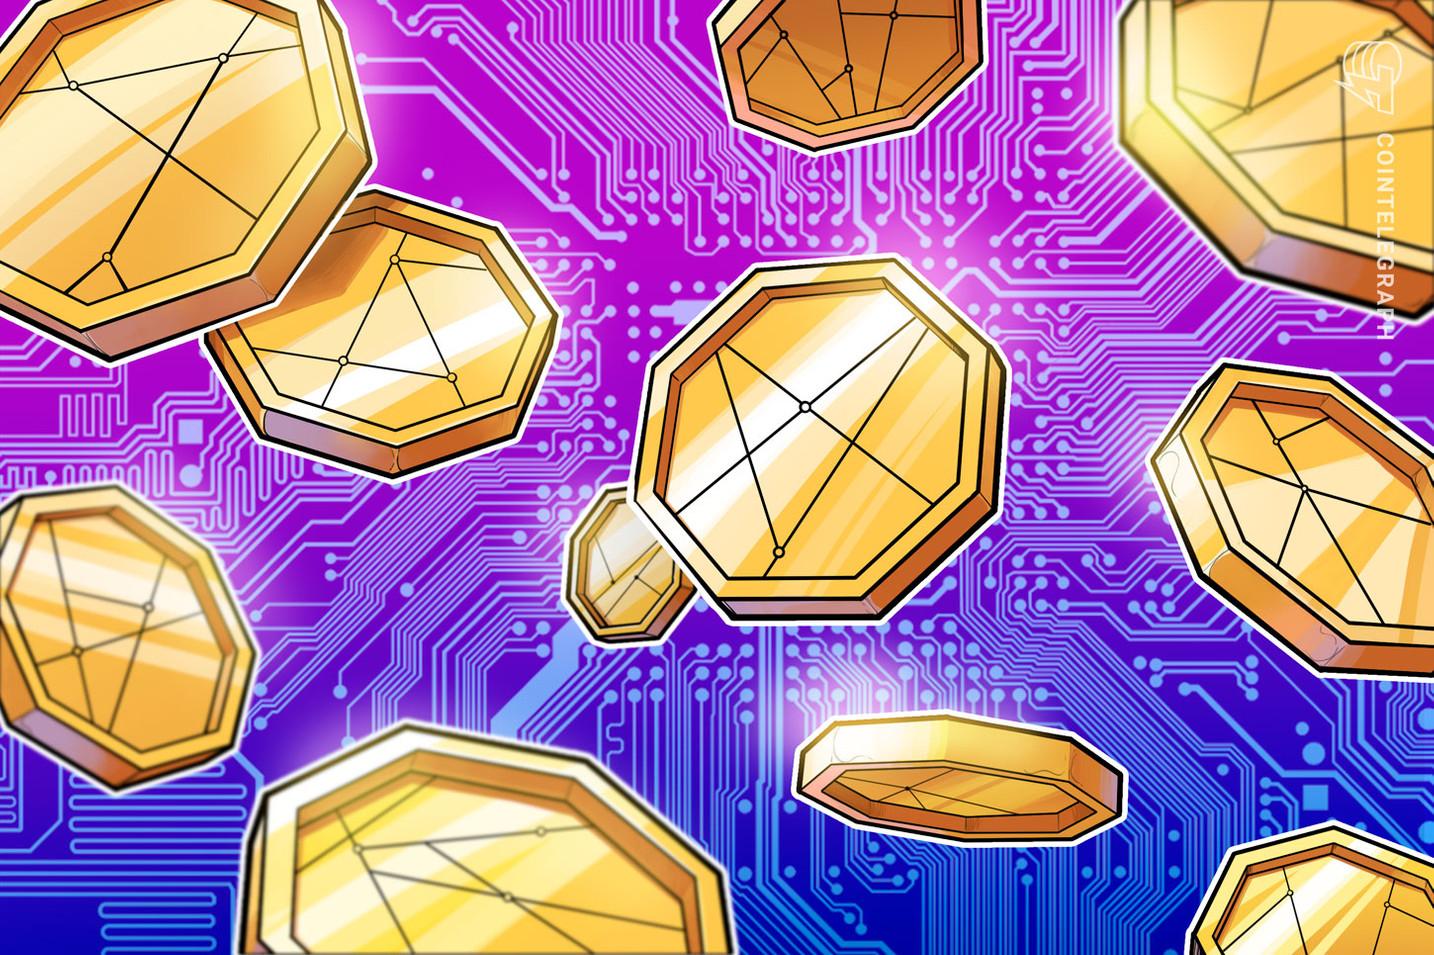 Empresa de investimento de US$ 25 bilhões oferece exposição as criptomoedas através dos trusts da Grayscale